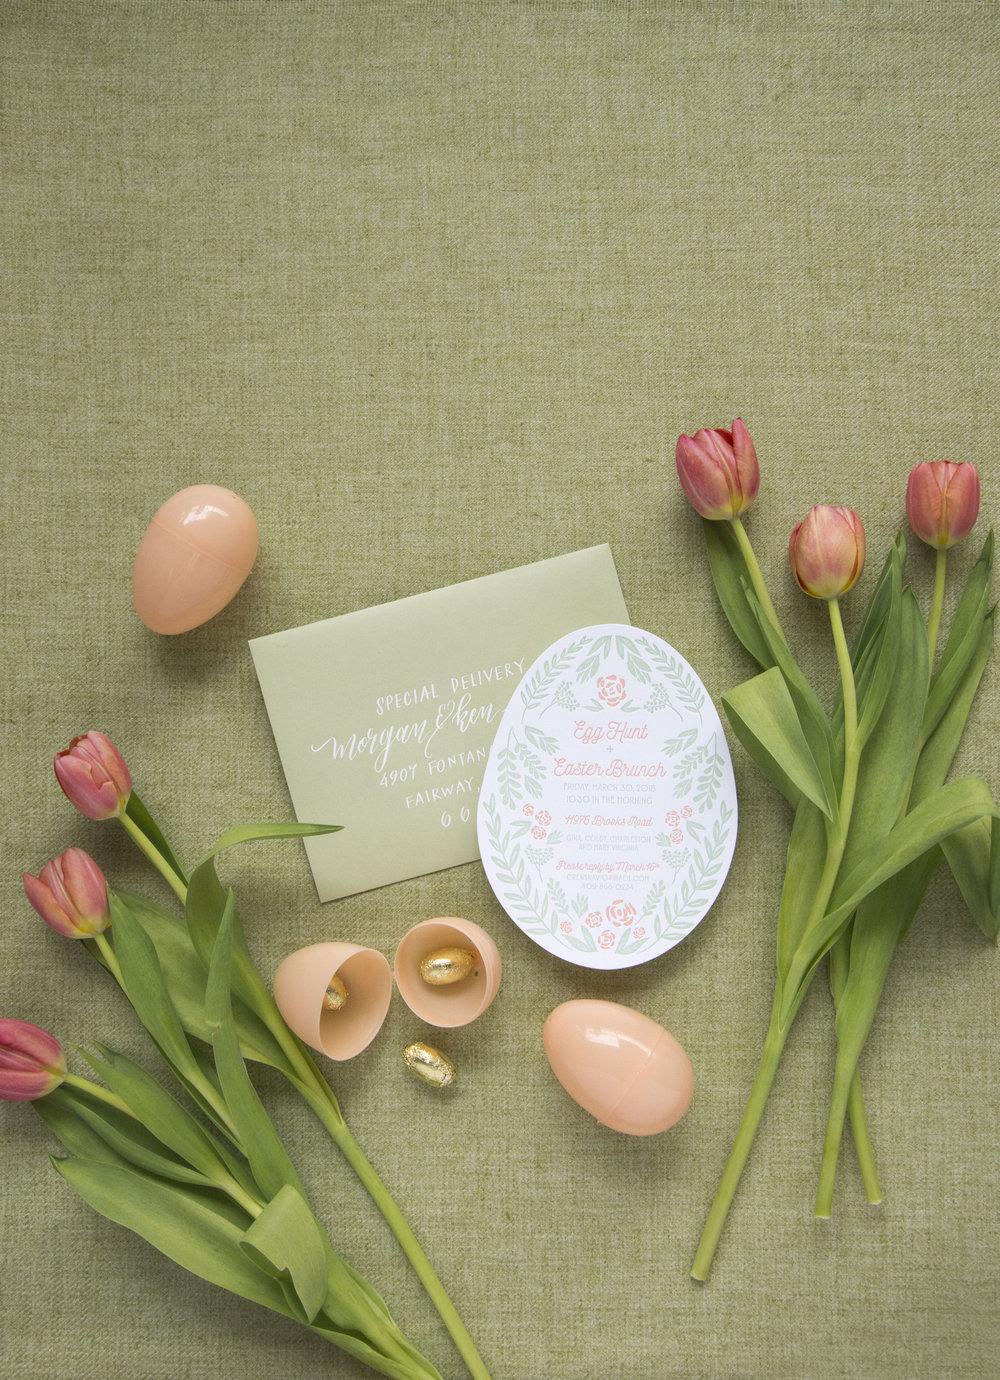 CB_82_EasterEgg_Stylized_Tulips_HautePapier.JPG